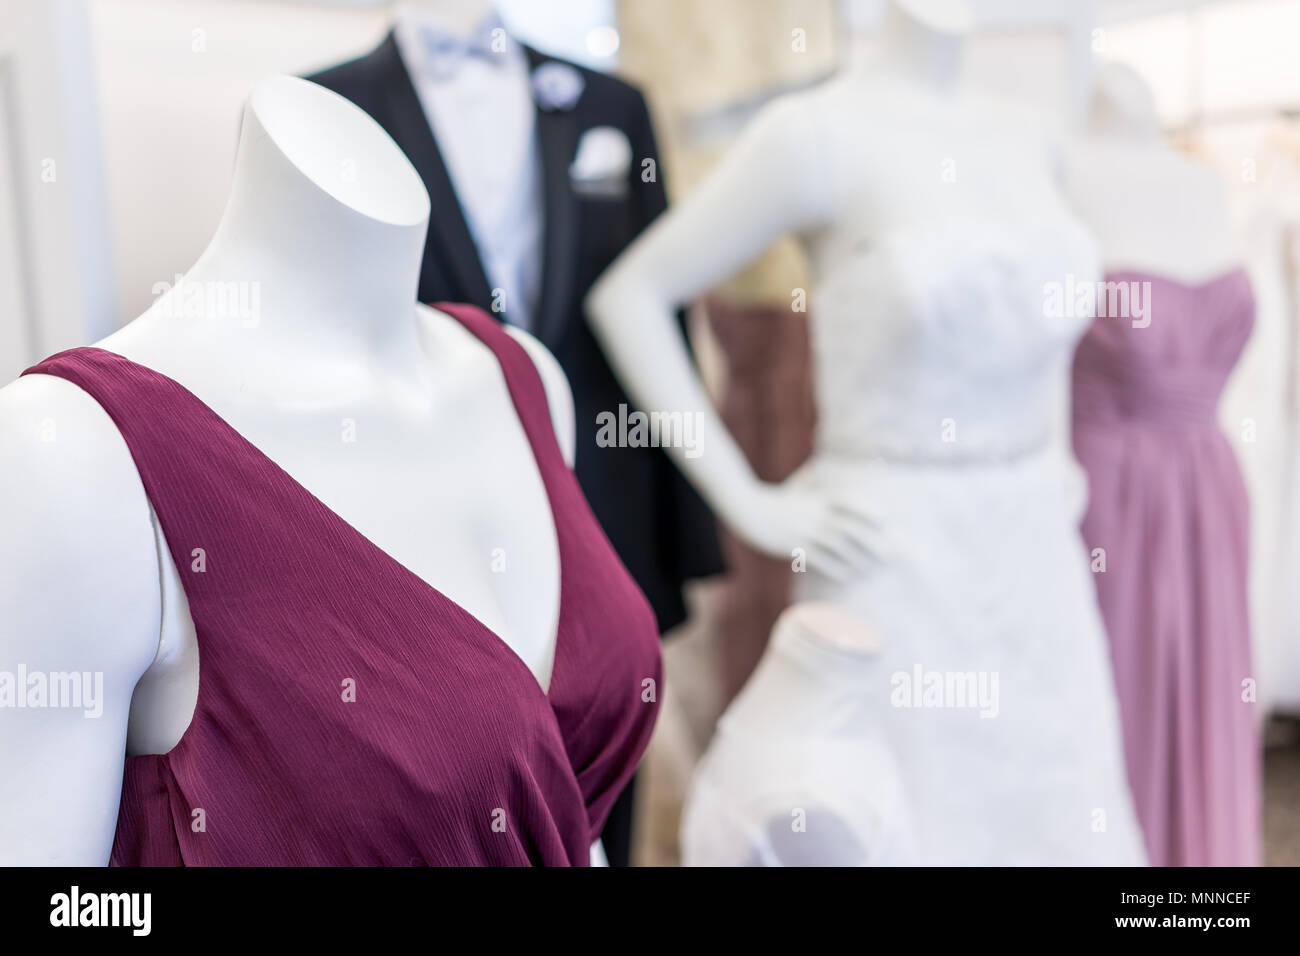 Muchos de boda para el novio y la novia, bridesmaid, madre maniquíes en púrpura, rosa boda traje, traje y corbata, mariposas vestido blanco en la boutique s Imagen De Stock